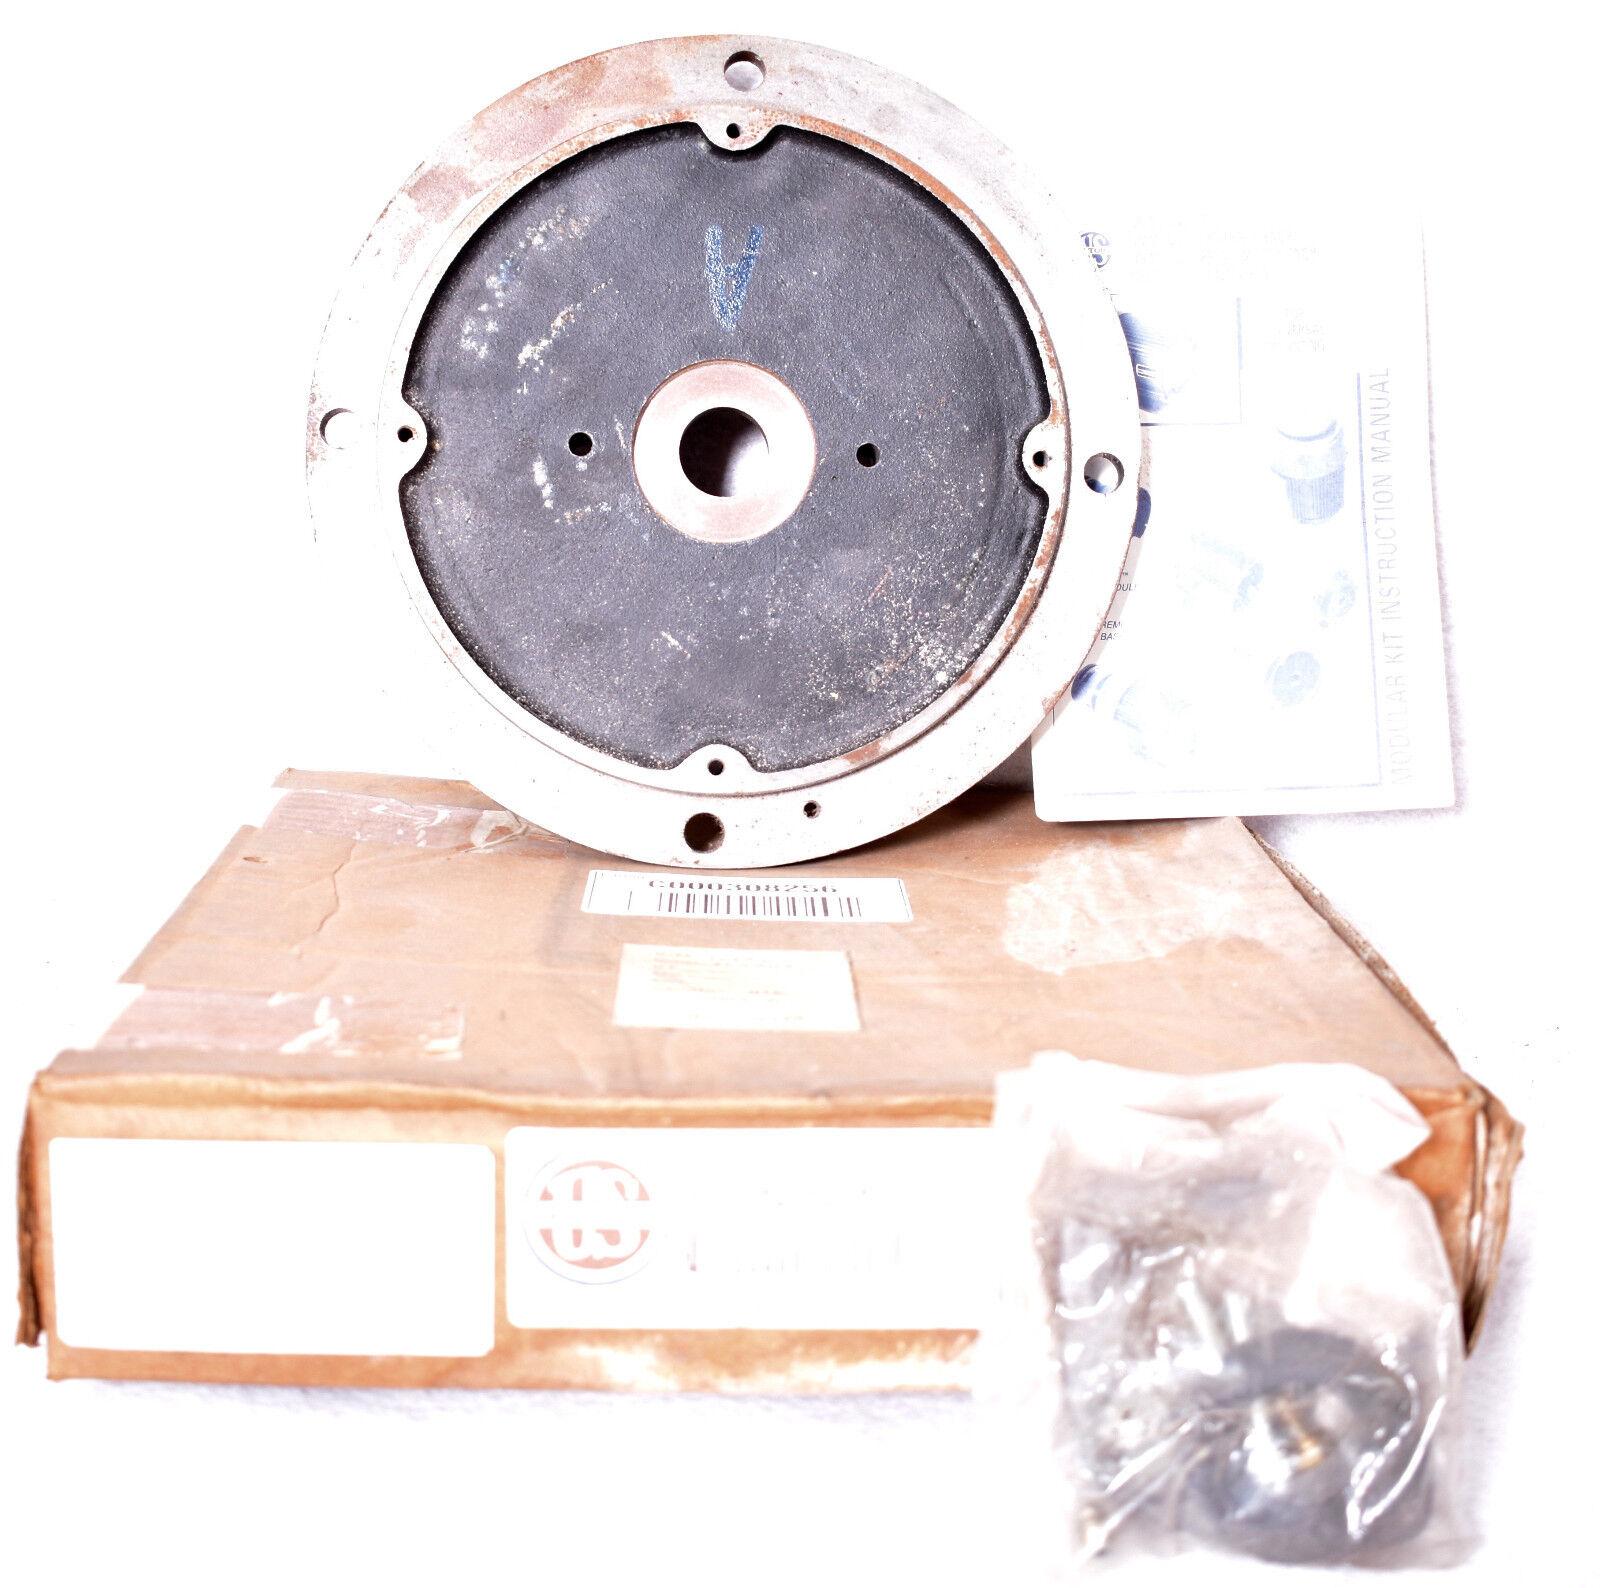 US Motors D-flange Kit PN 369269 | eBay